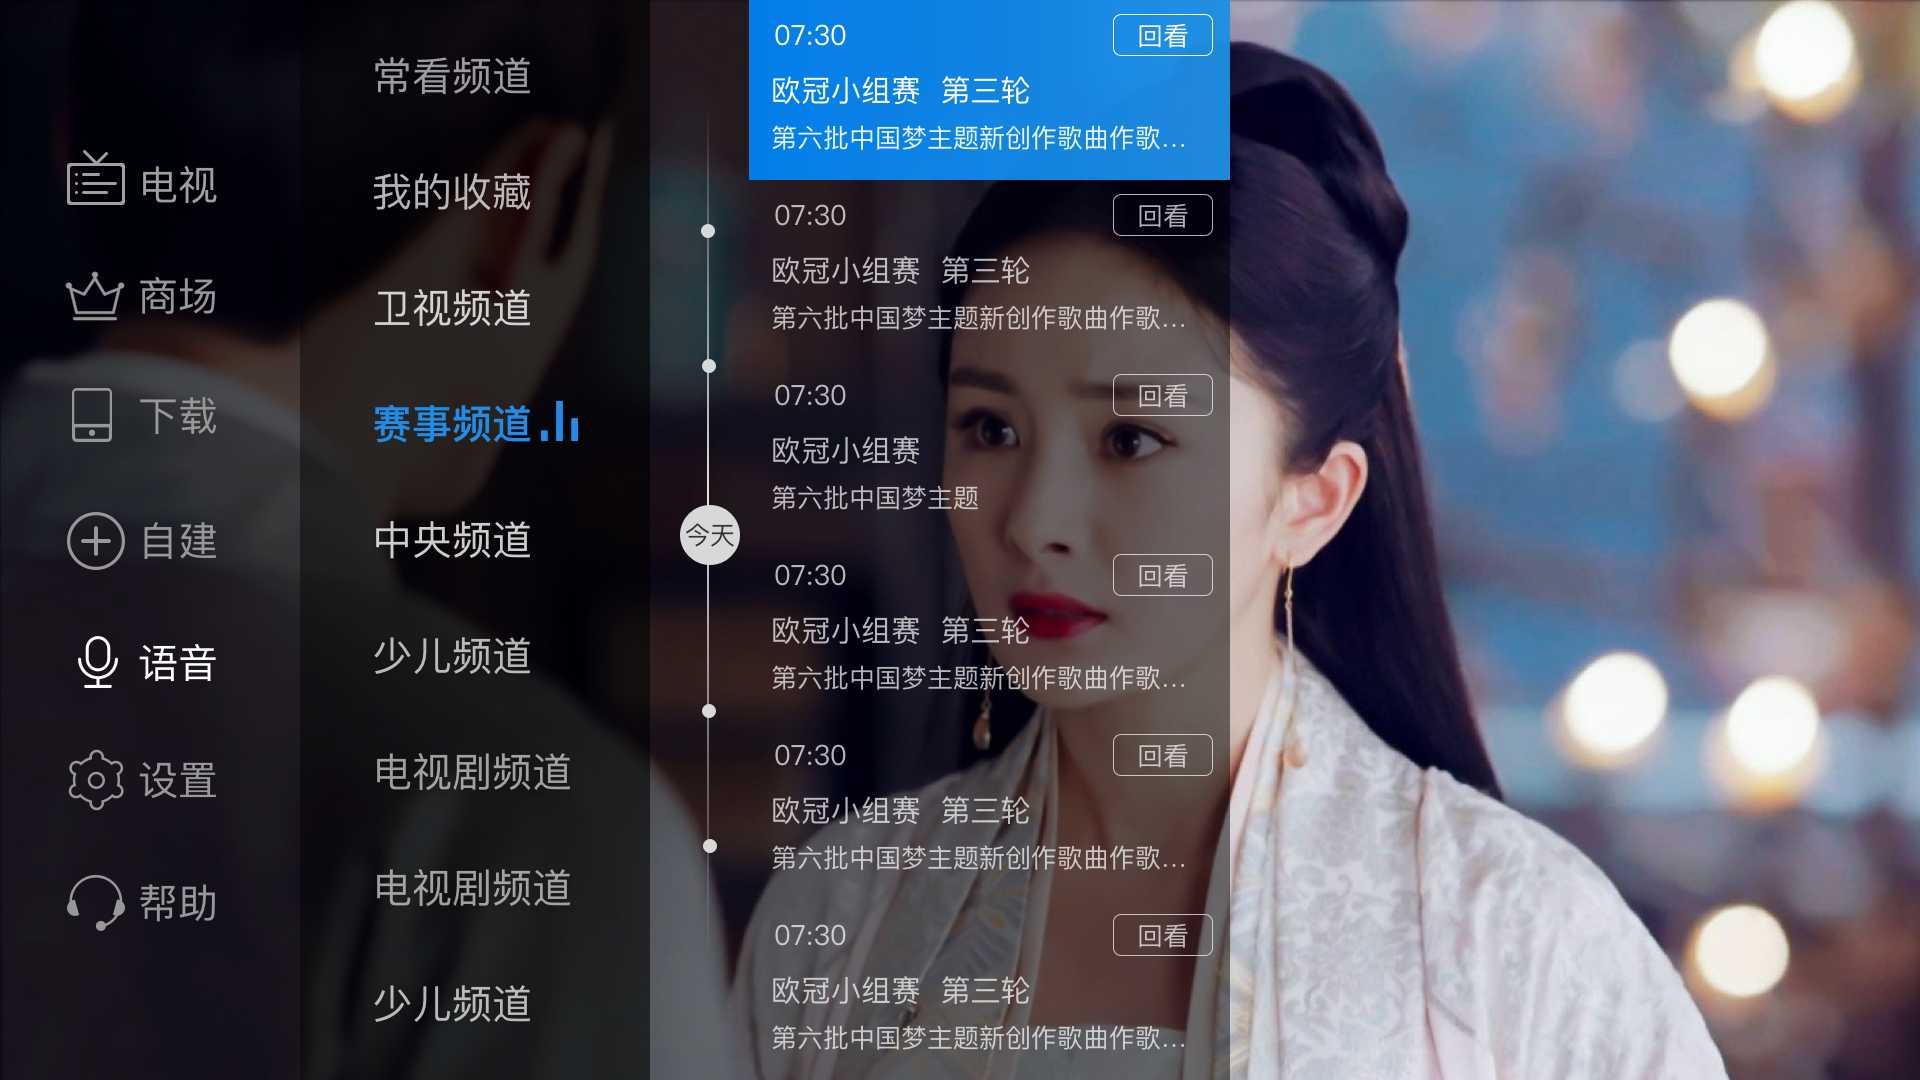 电视家tv版apk安装包 V3.0 安卓电视版截图4